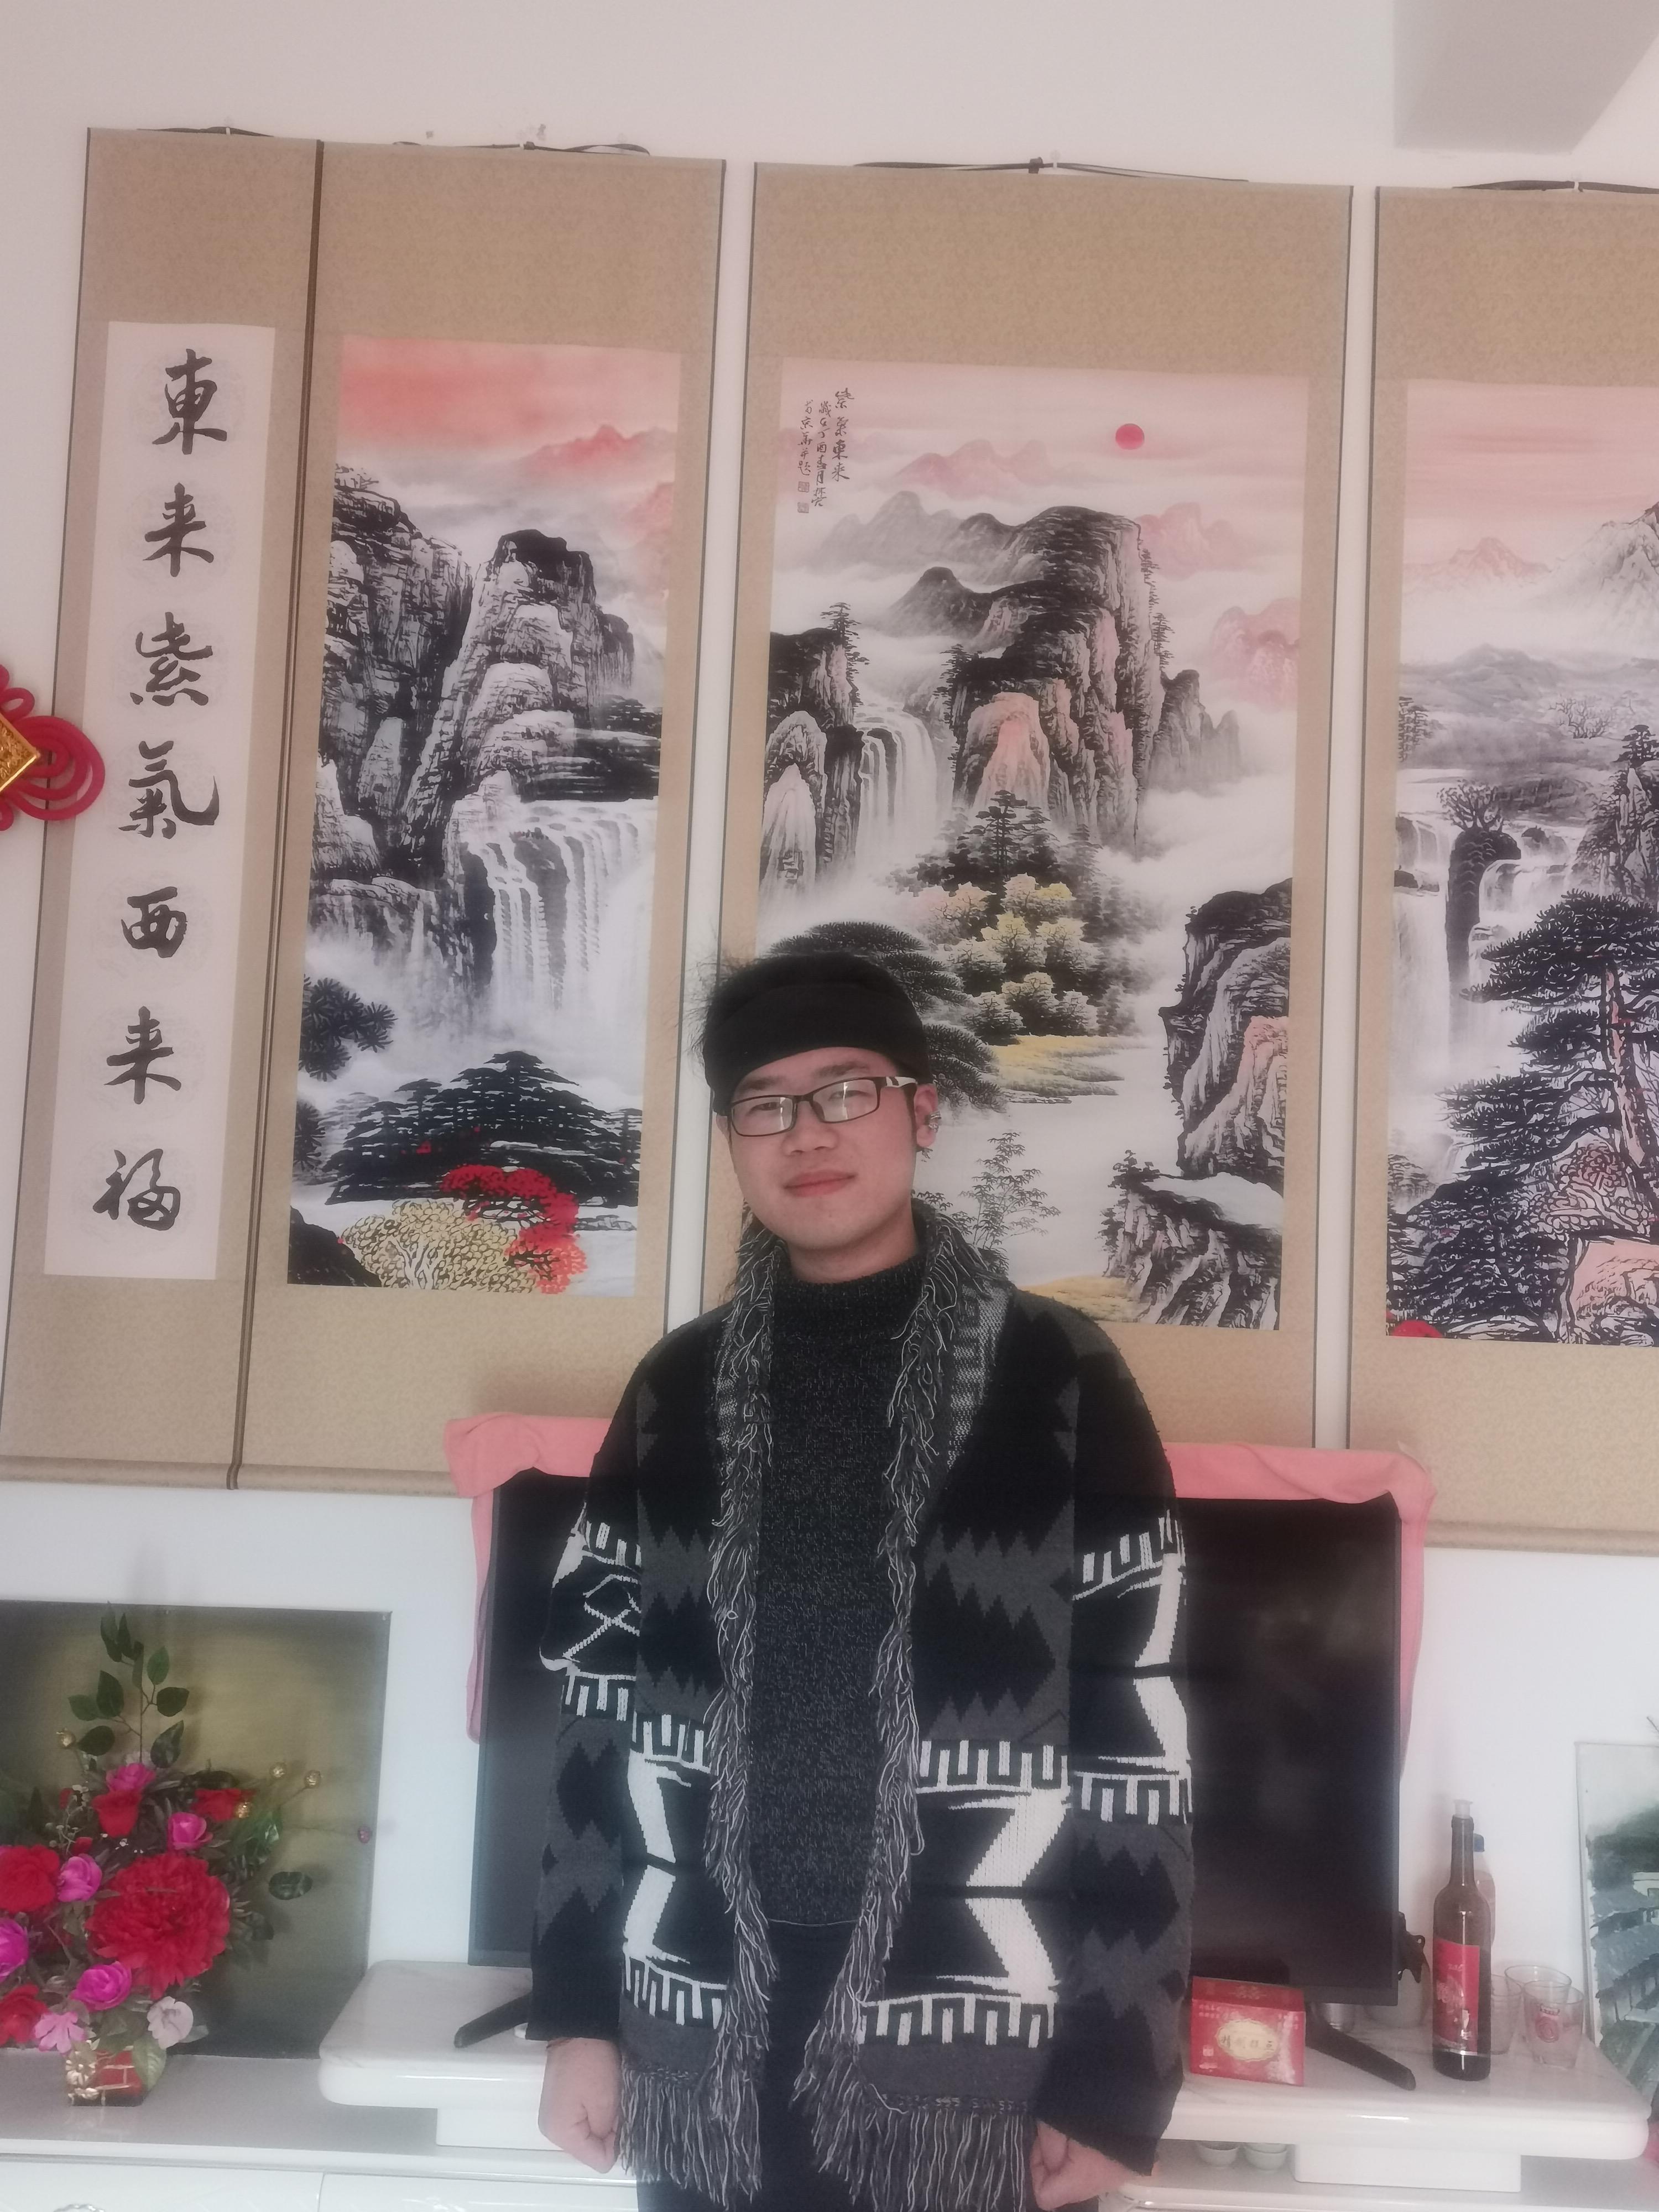 孙帅鹏 艺术设计系2016级毕业生